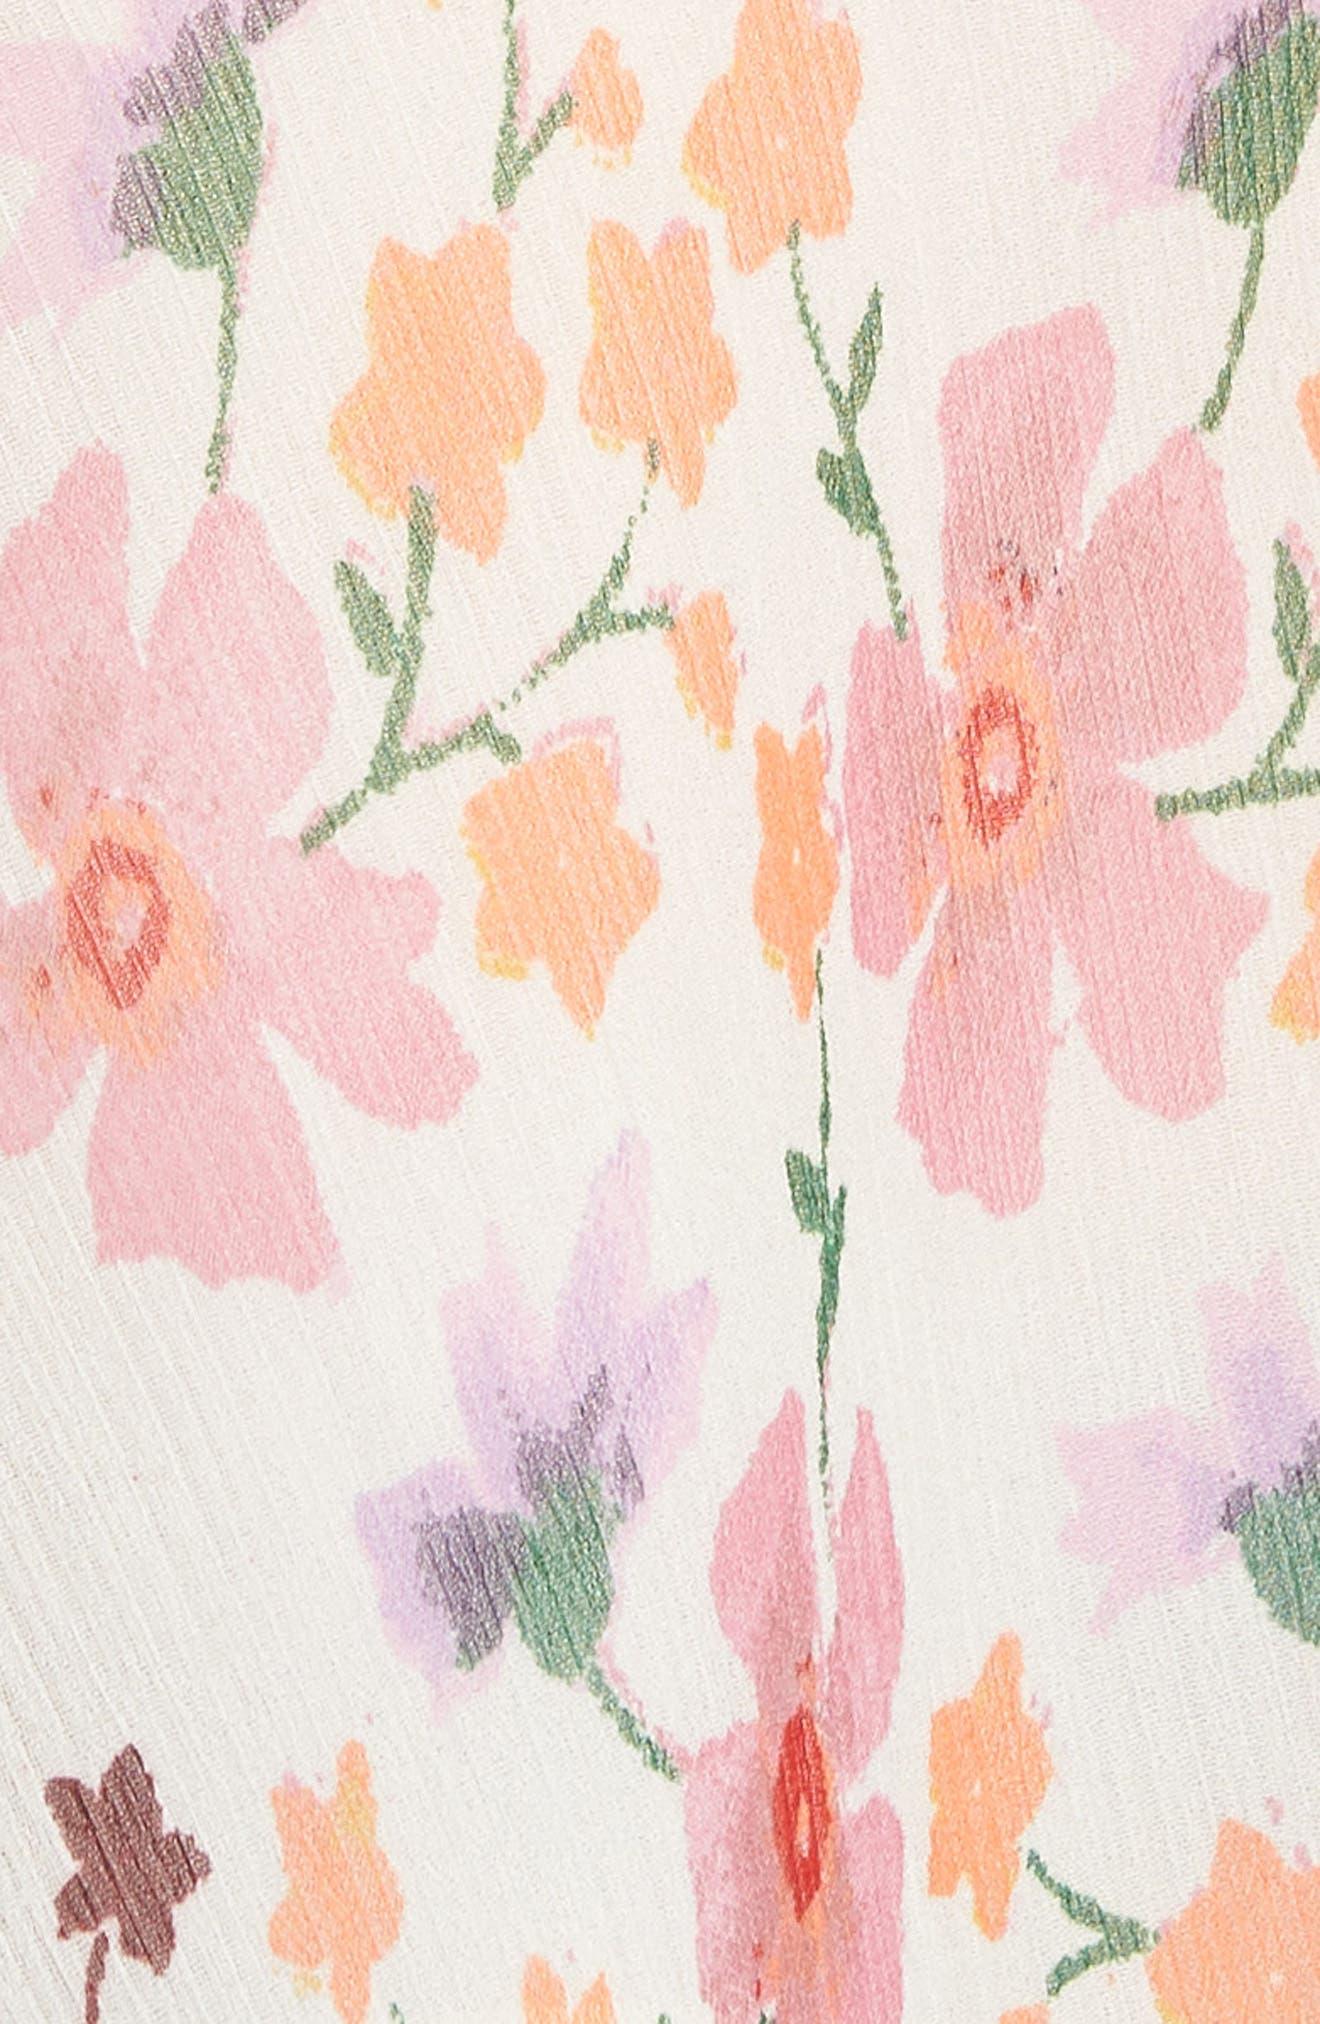 Lucky Cascade Ruffle Floral Tank Top,                             Alternate thumbnail 6, color,                             900